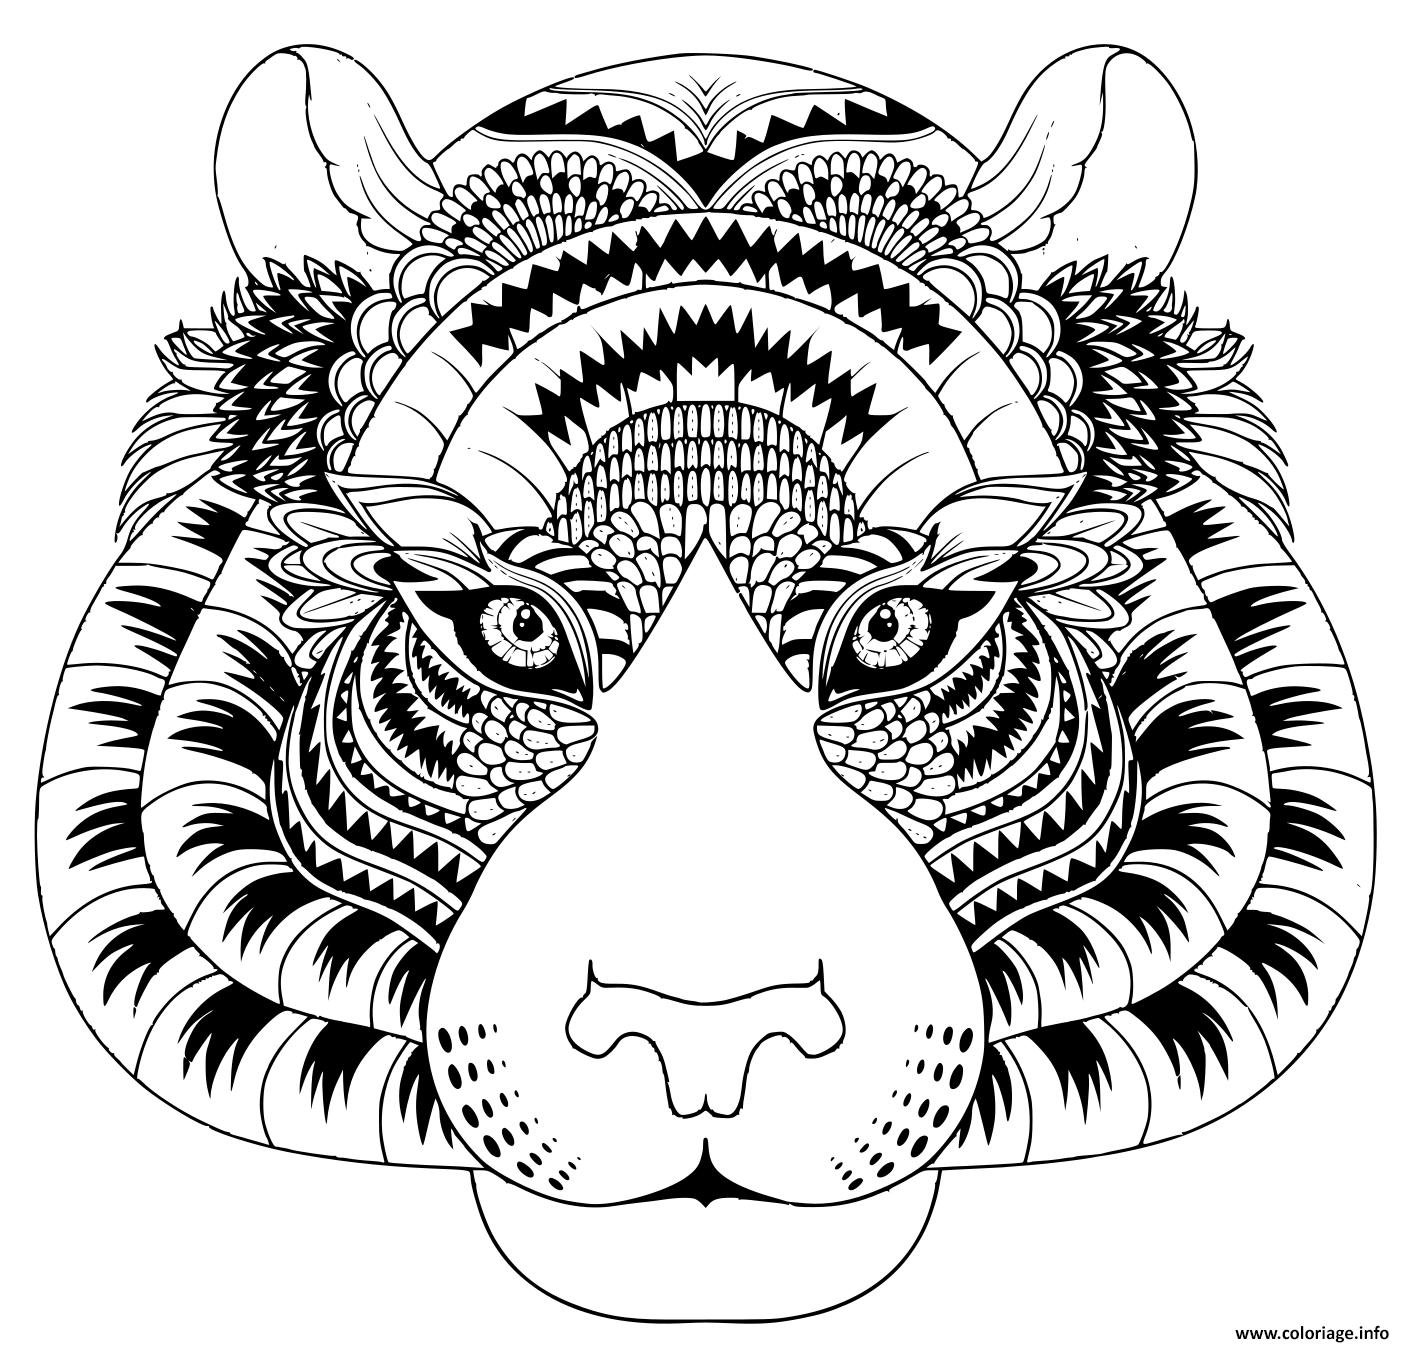 Dessin tete de tigre avec details zentangle Coloriage Gratuit à Imprimer